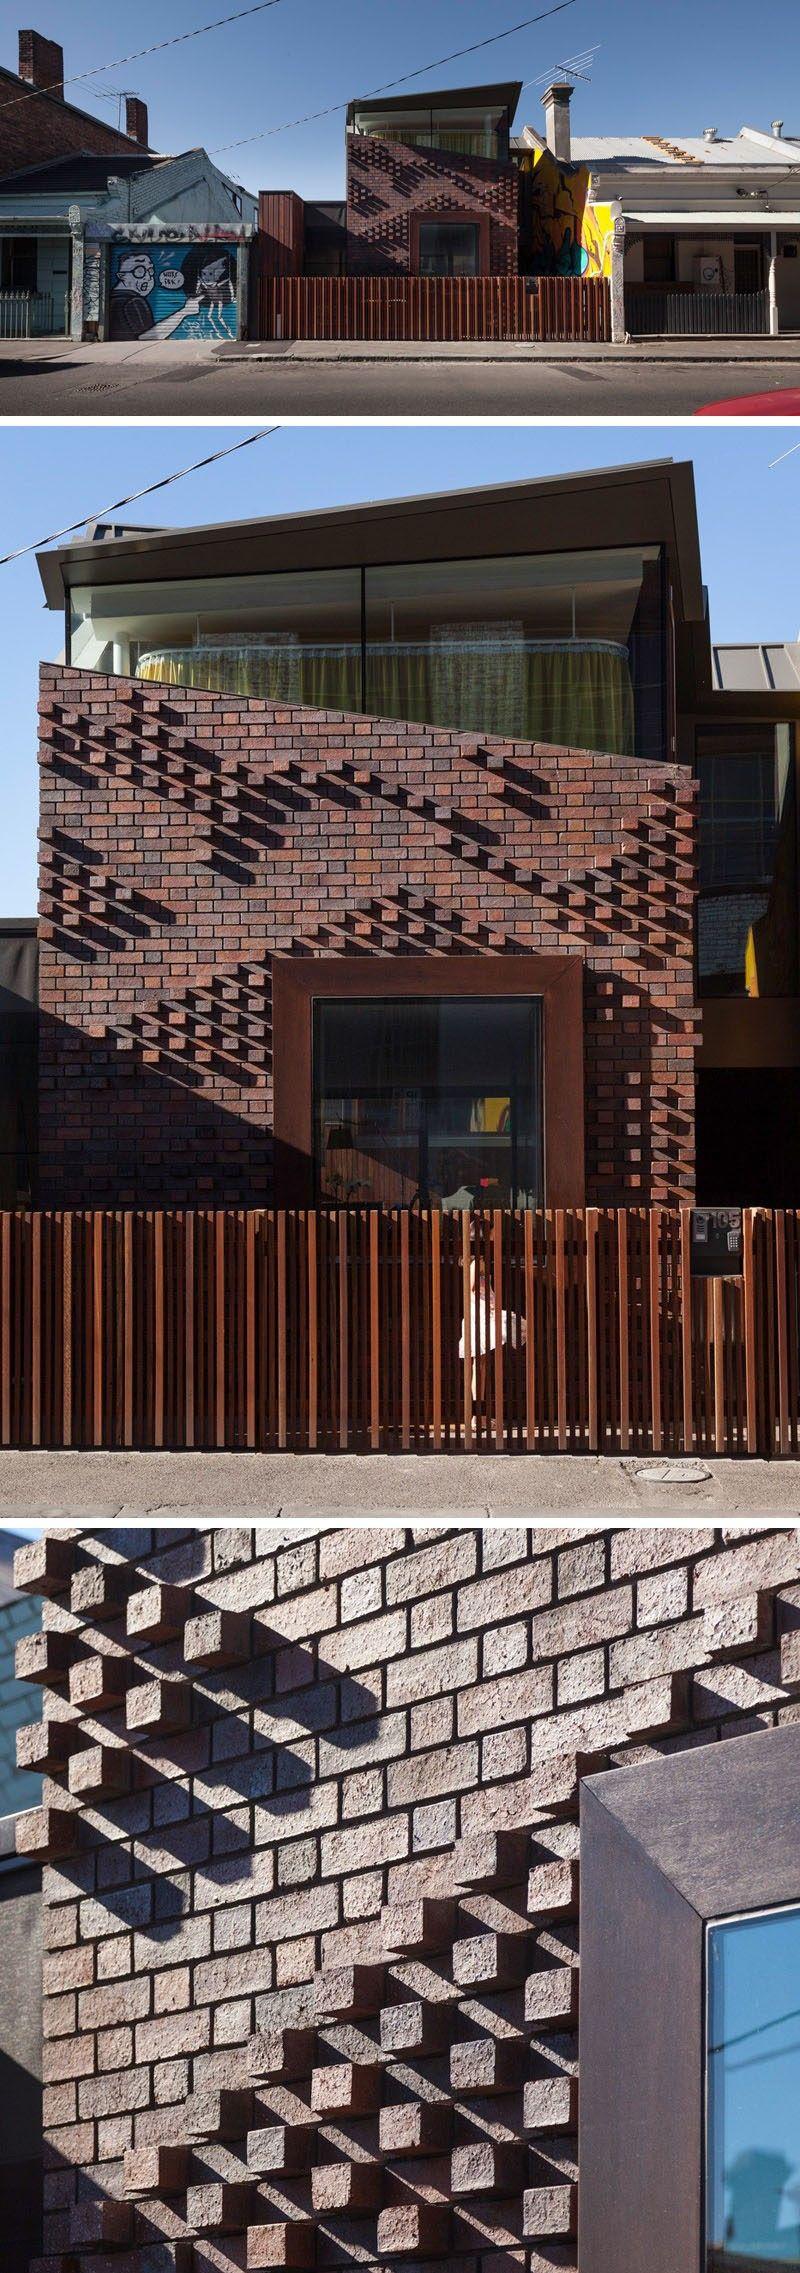 14 Moderne Hauser Aus Ziegelsteinen Gebaut Eine Einzigartige Anordnung Der Ziegelsteine Auf Diesem Haus G Architektur Ziegelsteine Erstaunliche Architektur